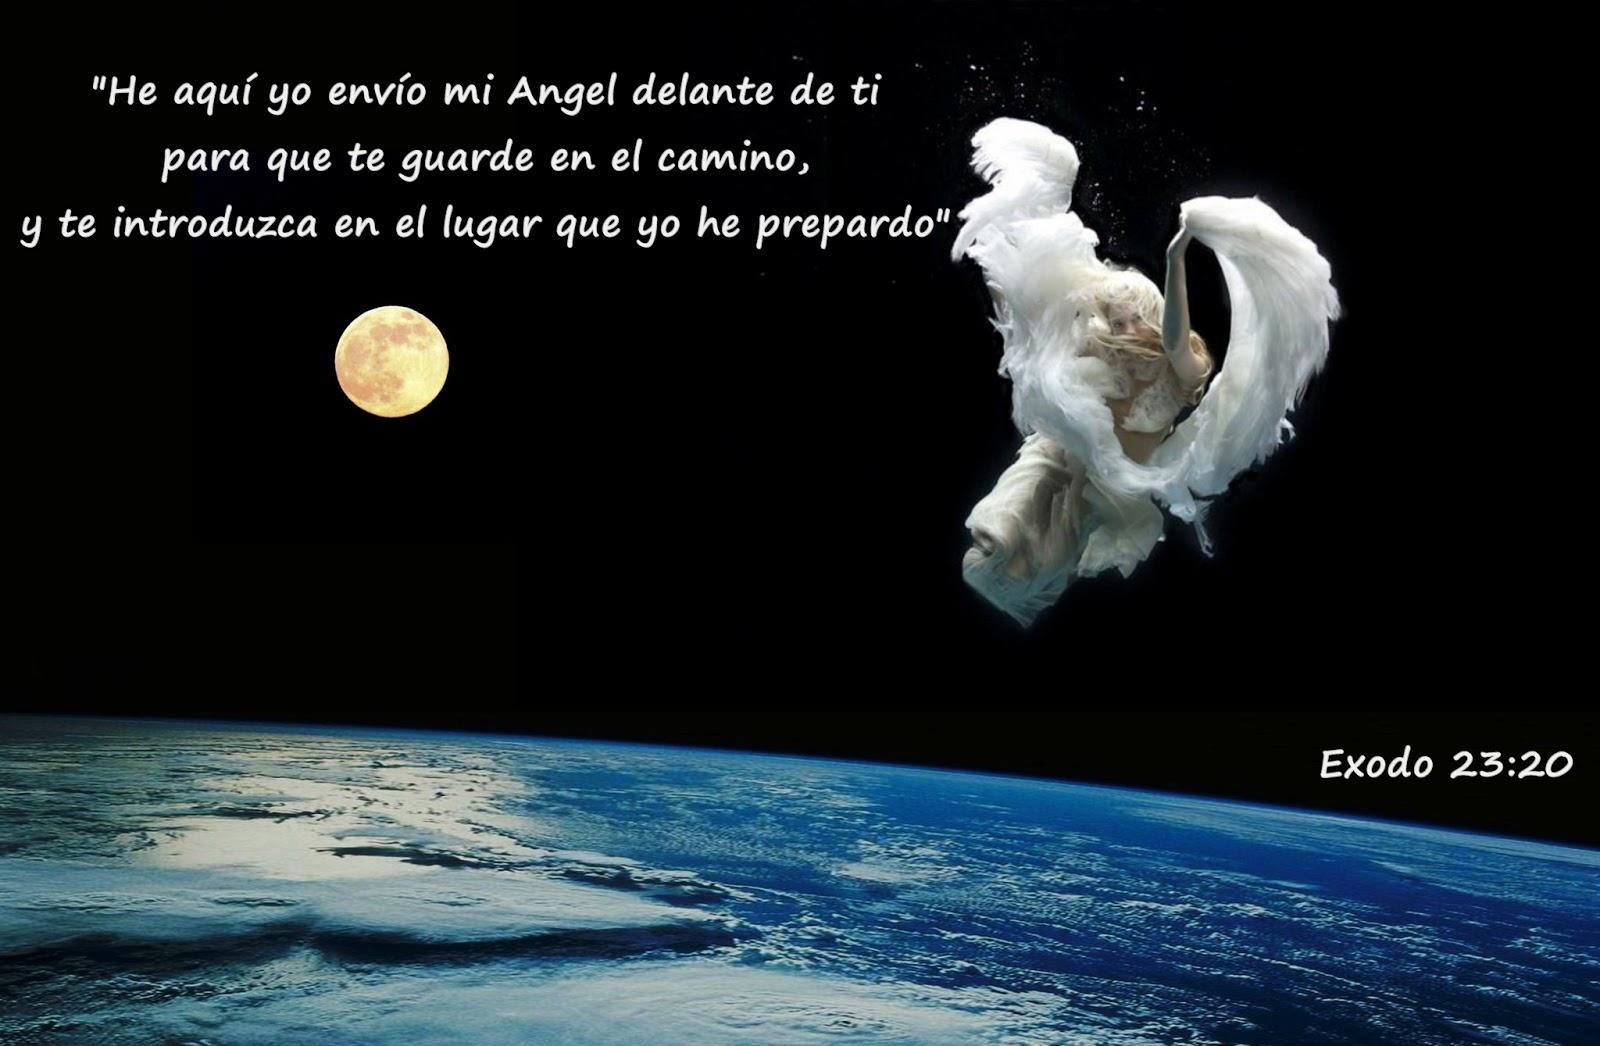 Jehová enviara sus ángeles delante de ti. Versículo de Exodo 23:20